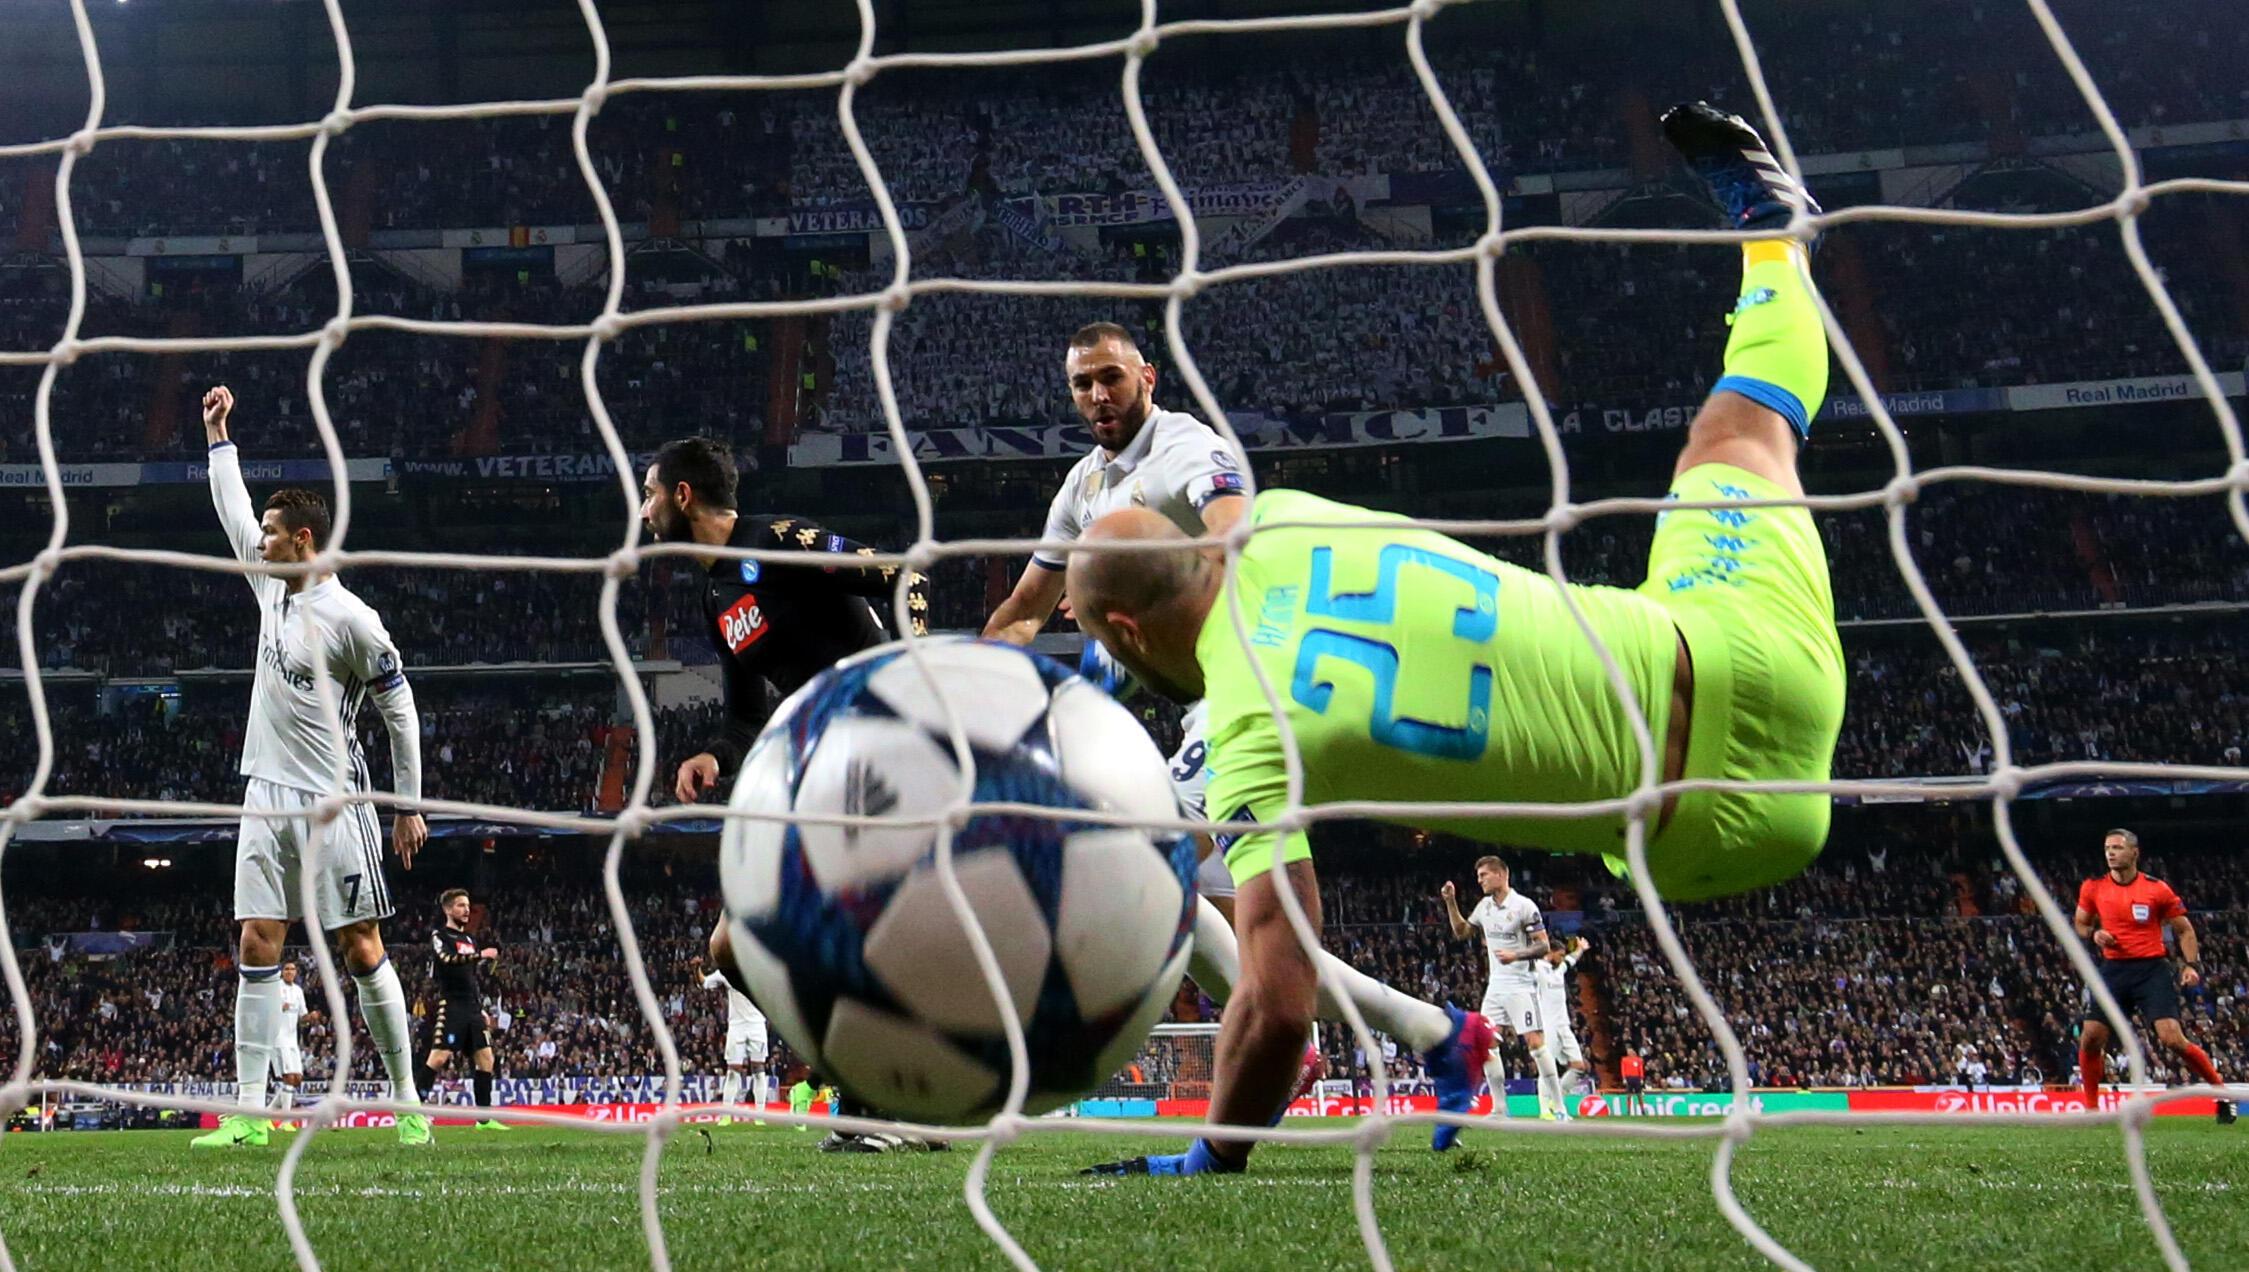 Bao la Karim Benzema katika mchuano dhidi ya Napoli. Real Madrid 3-1 Napoli